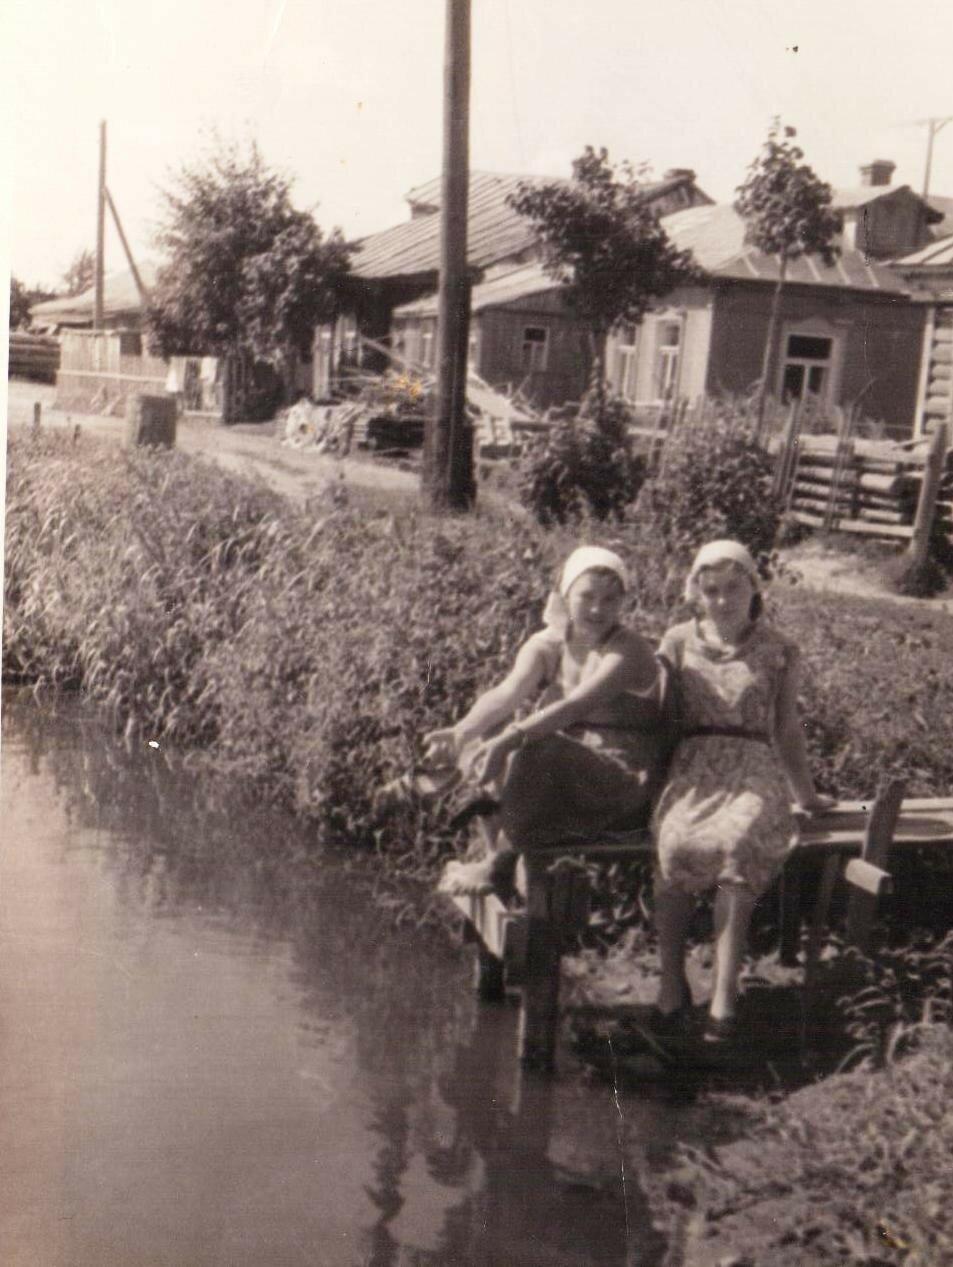 1959. Пожарный пруд в Бирюлёво